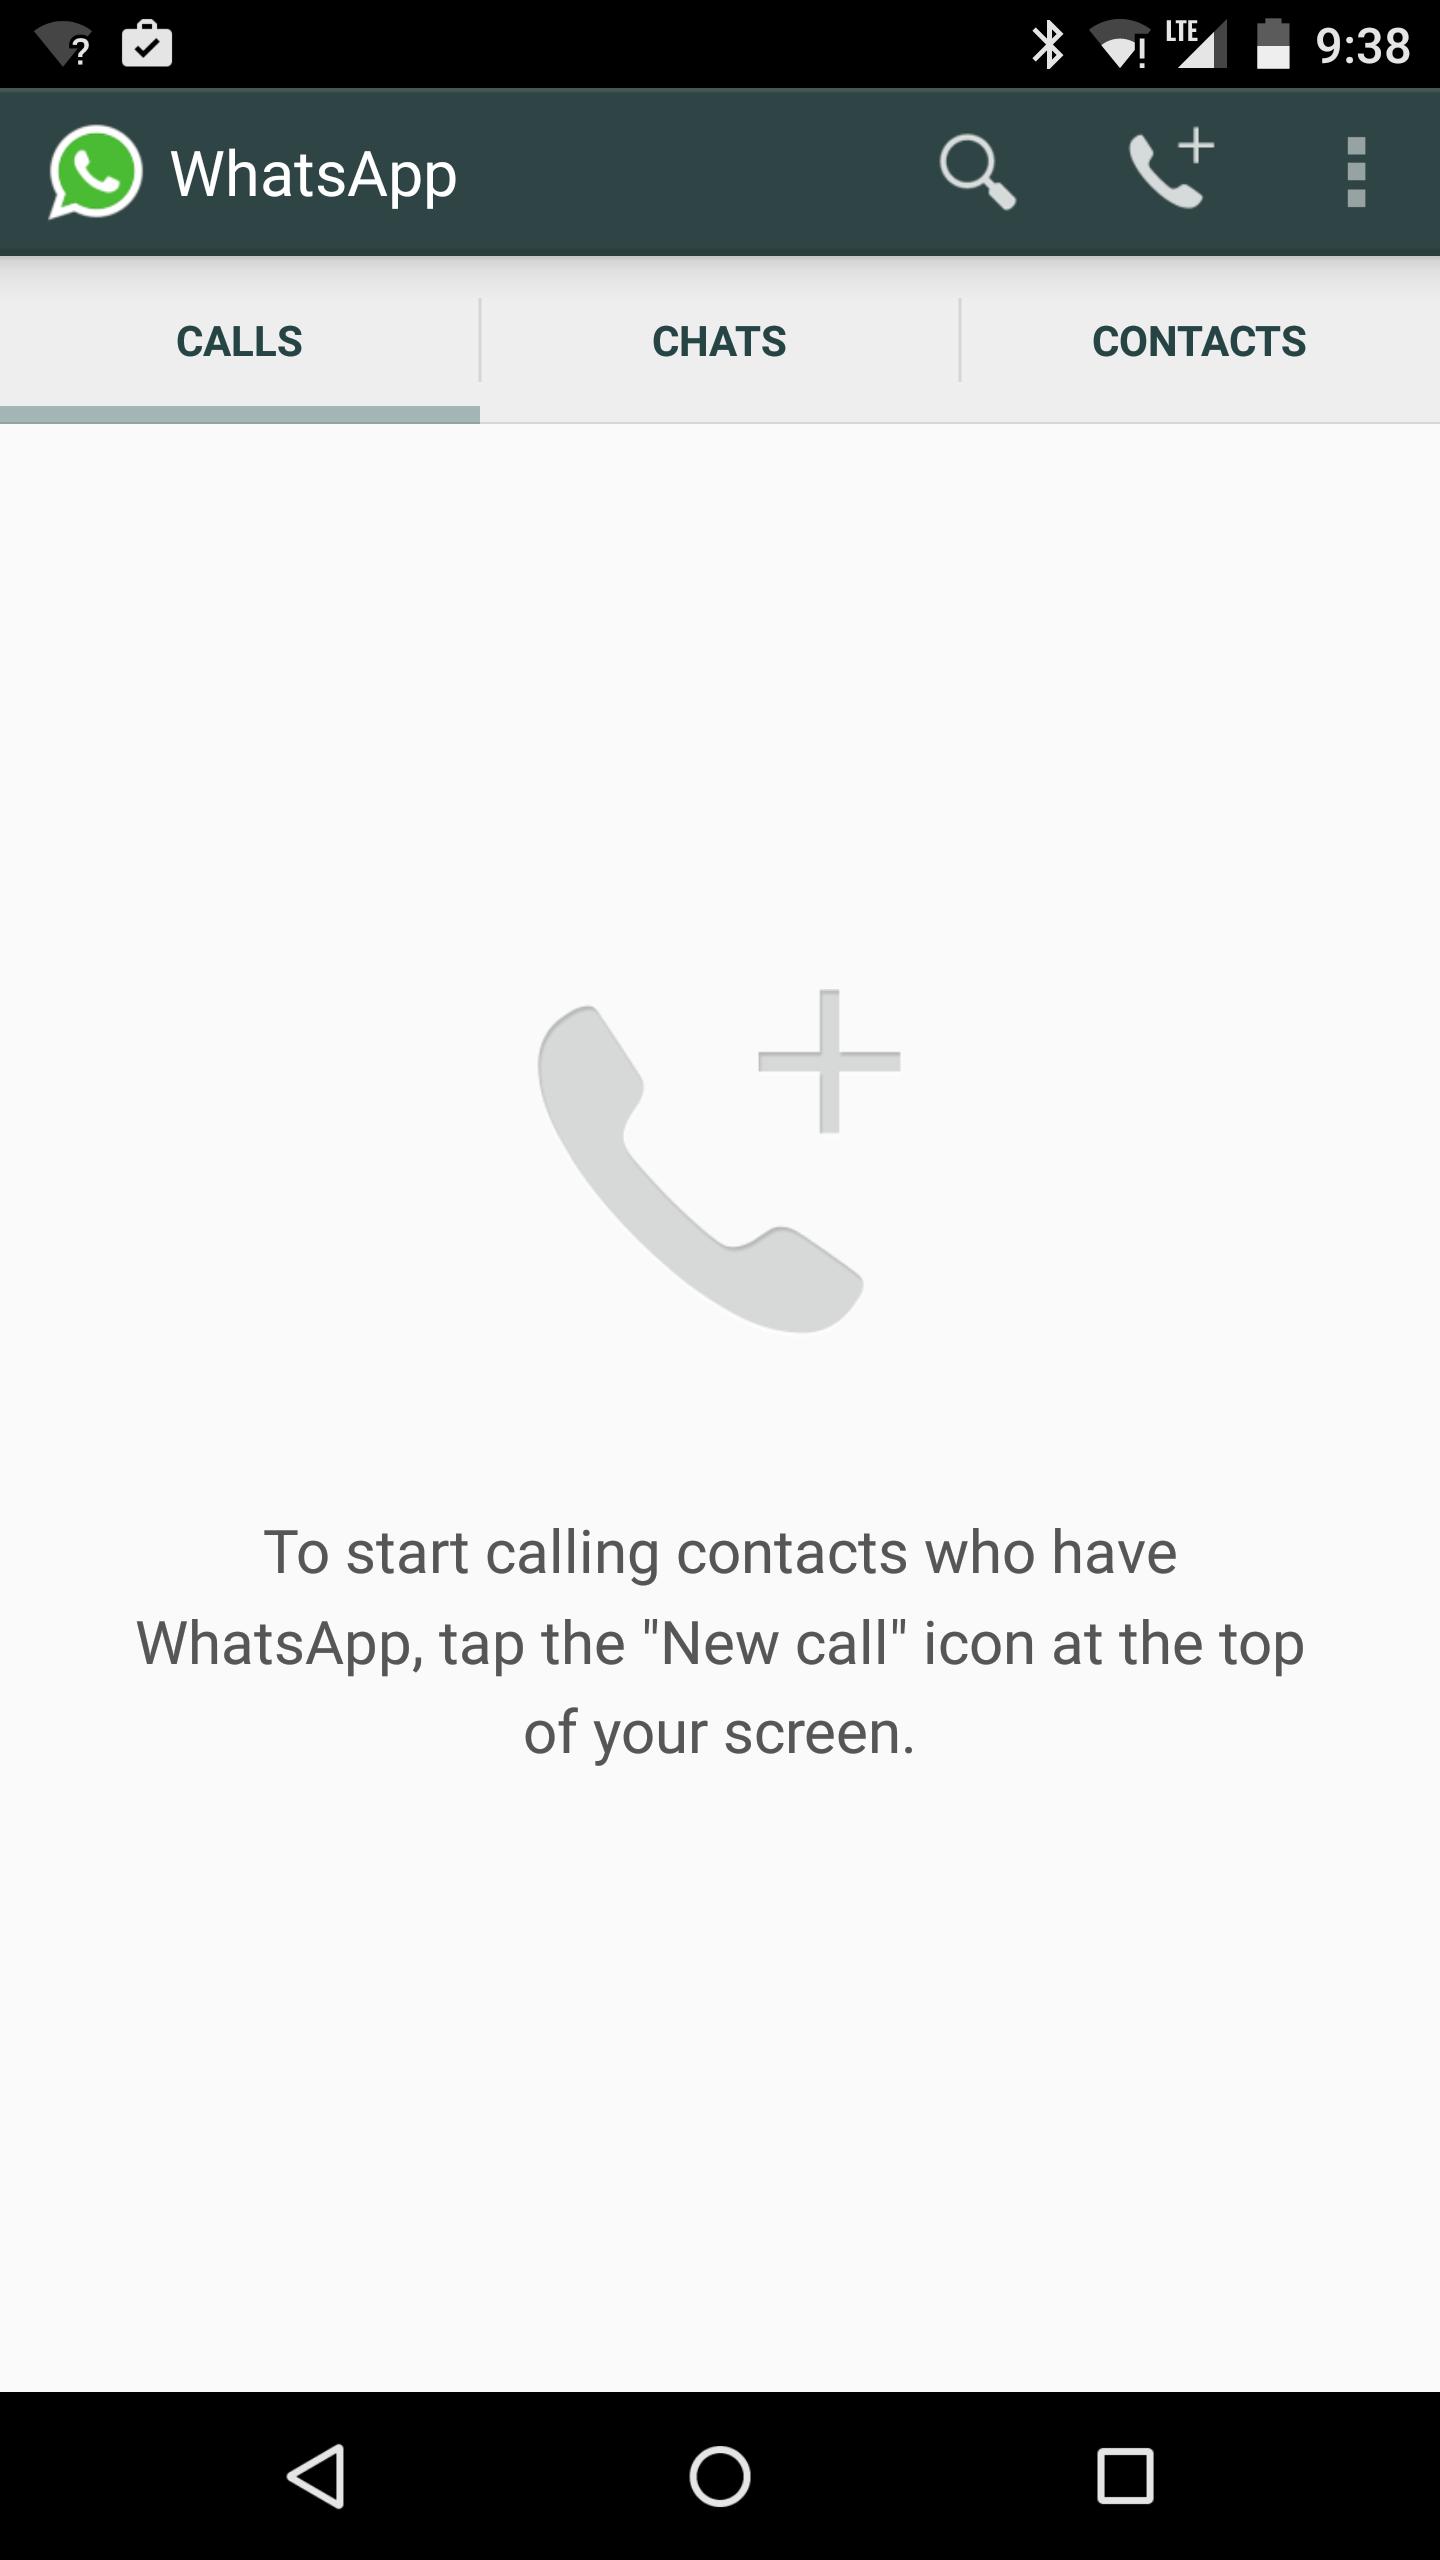 A versão mais recente do WhatsApp para Android finalmente permite que todos os usuários façam chamadas VoIP